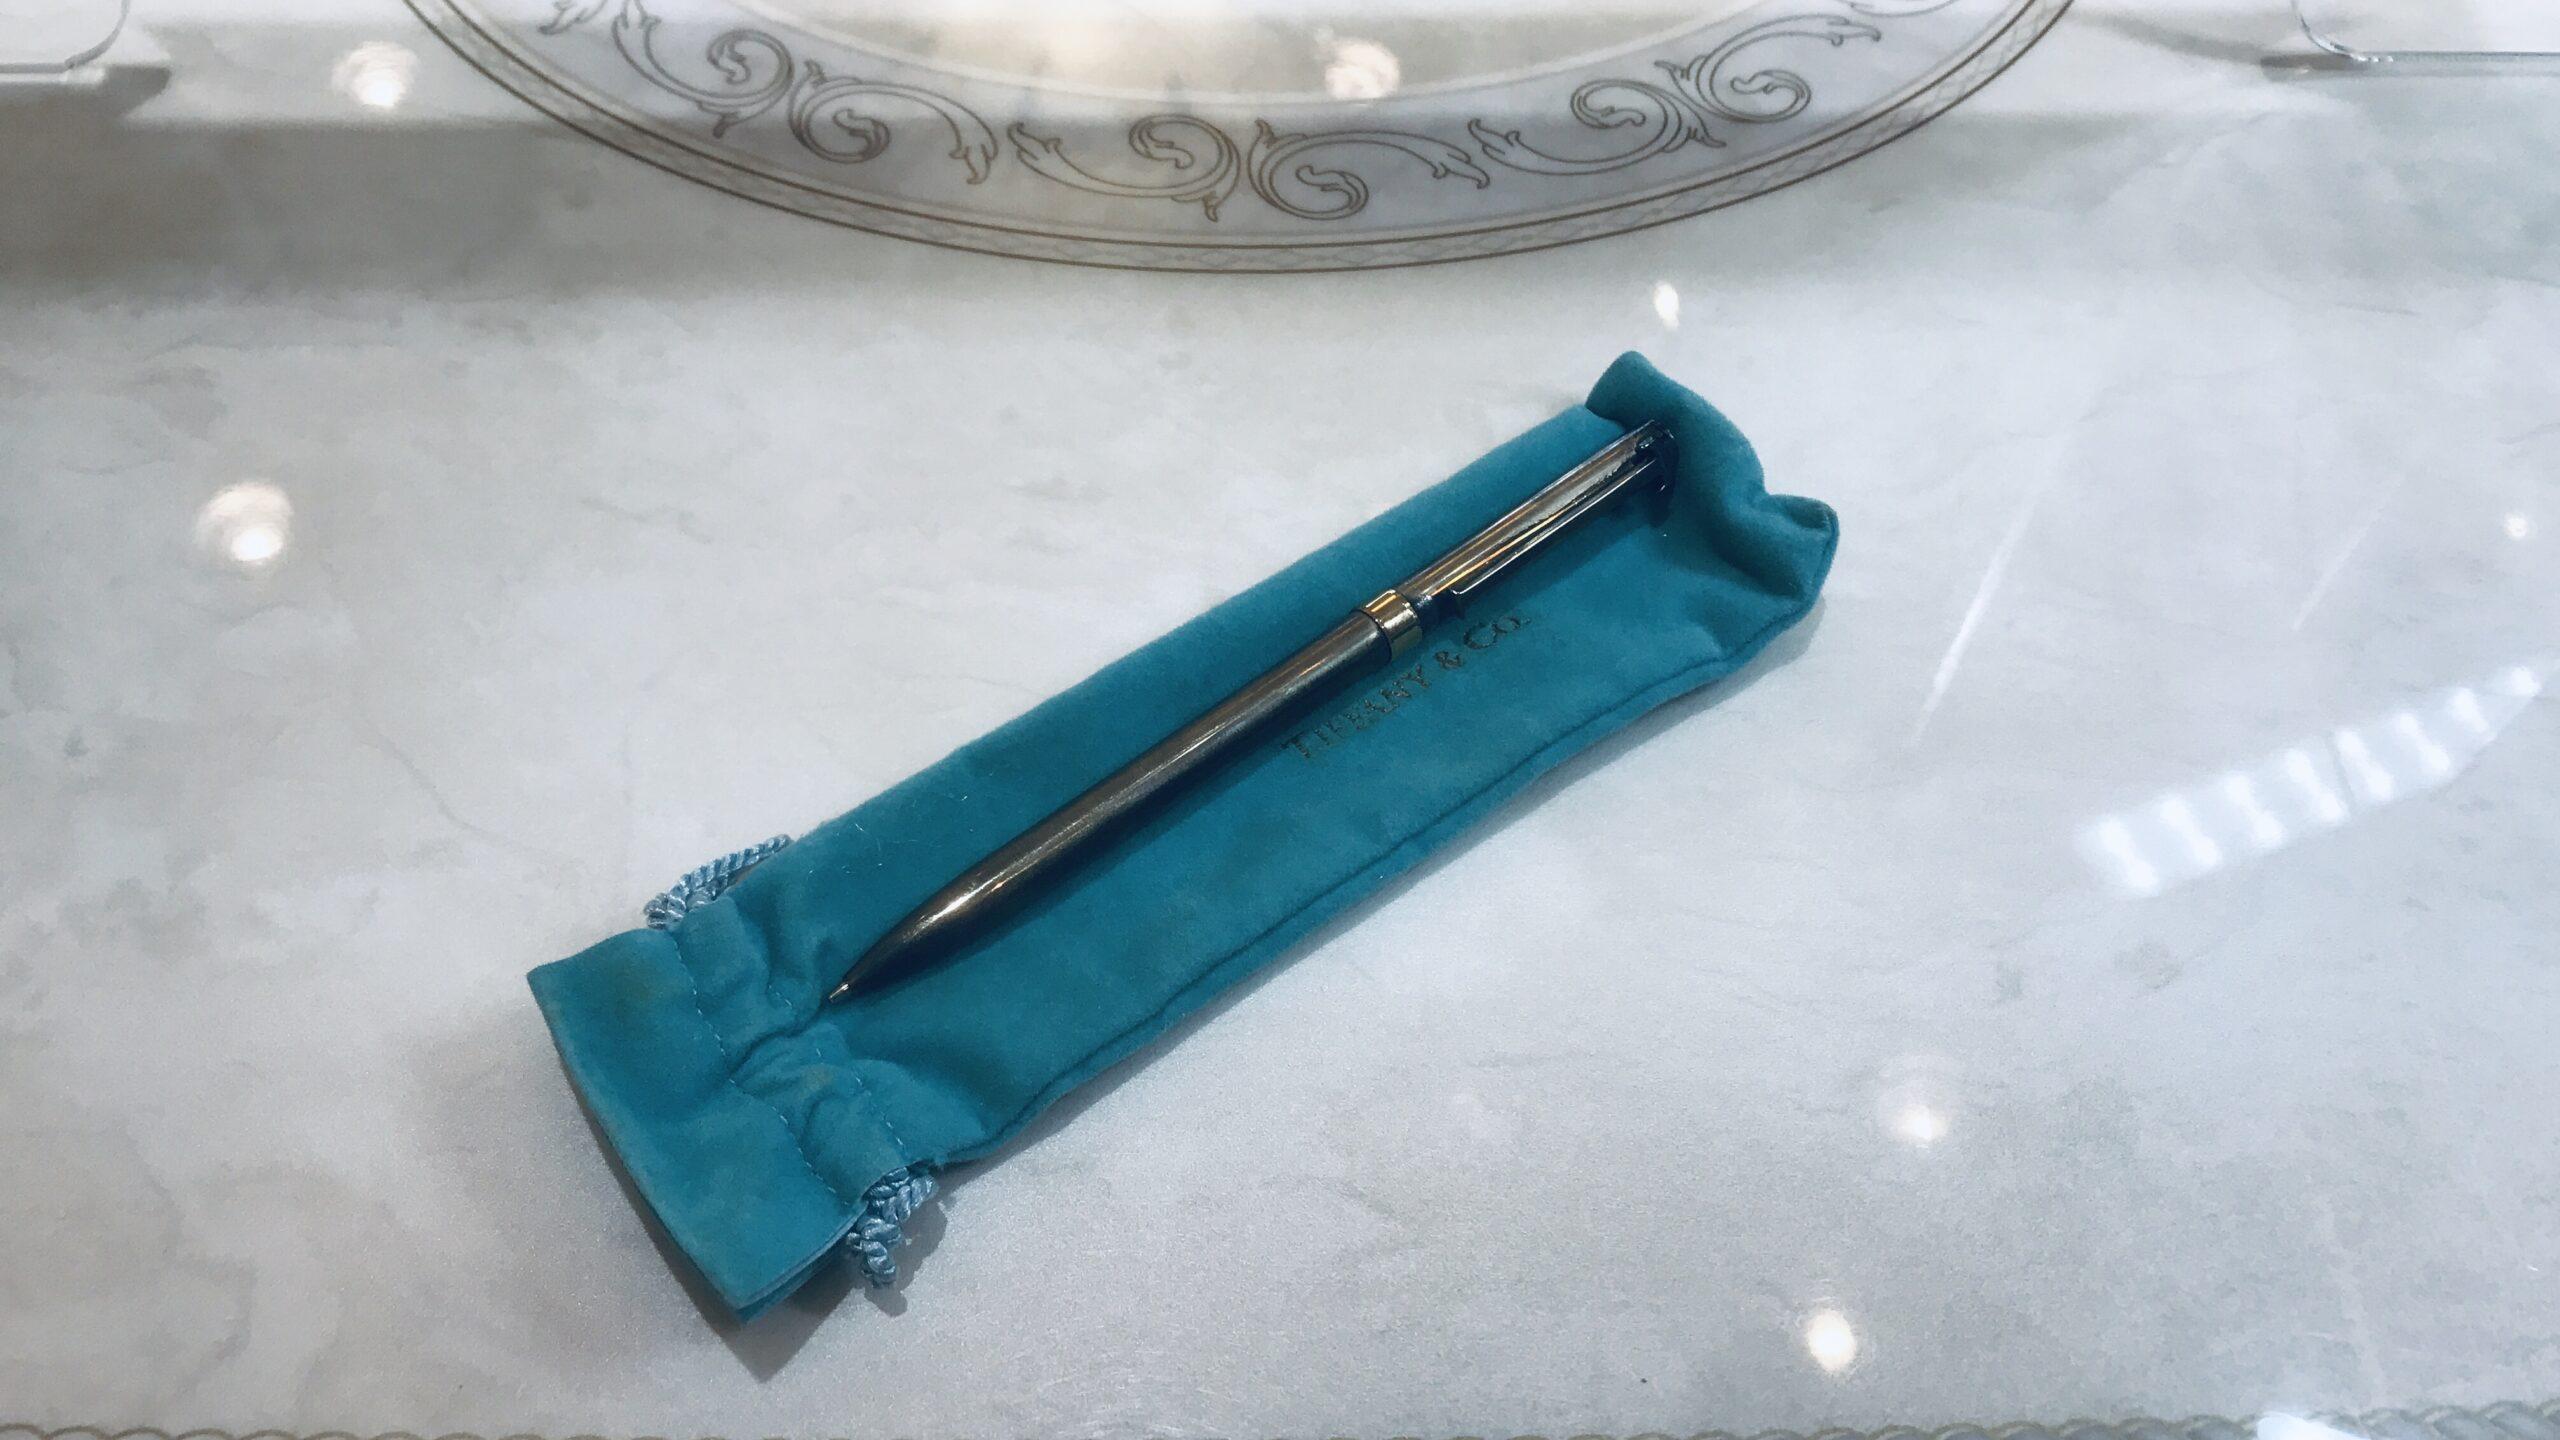 【買取速報】ボールペン、SV925、Tiffany & Co.-2020-08-12